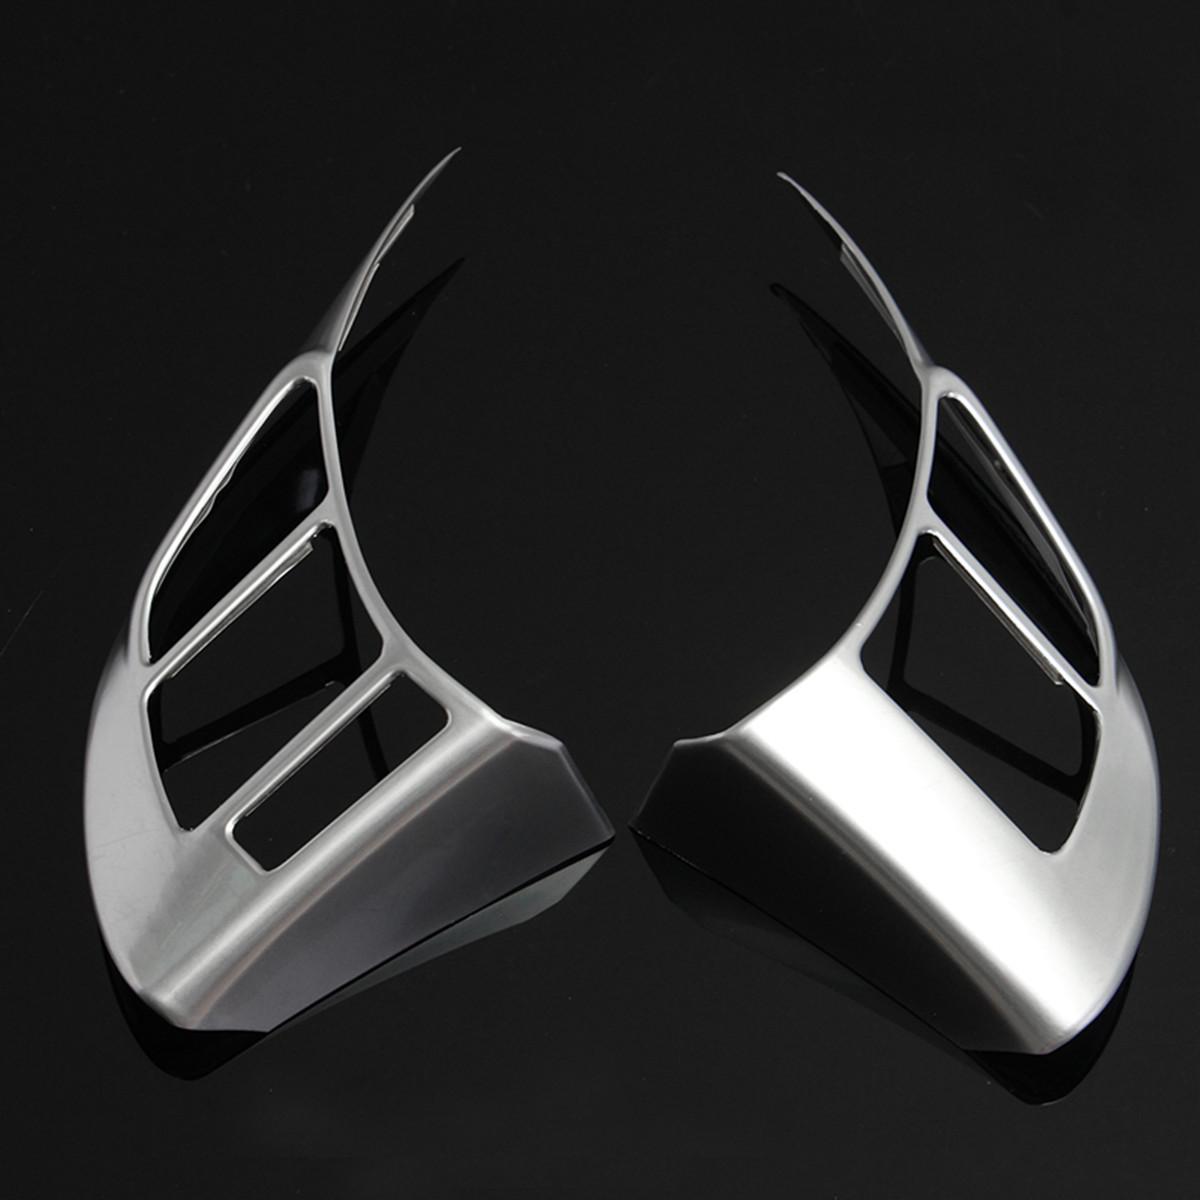 2шт хром панель рулевого колеса крышка знак вставки планки для MAZDA CX-5 6